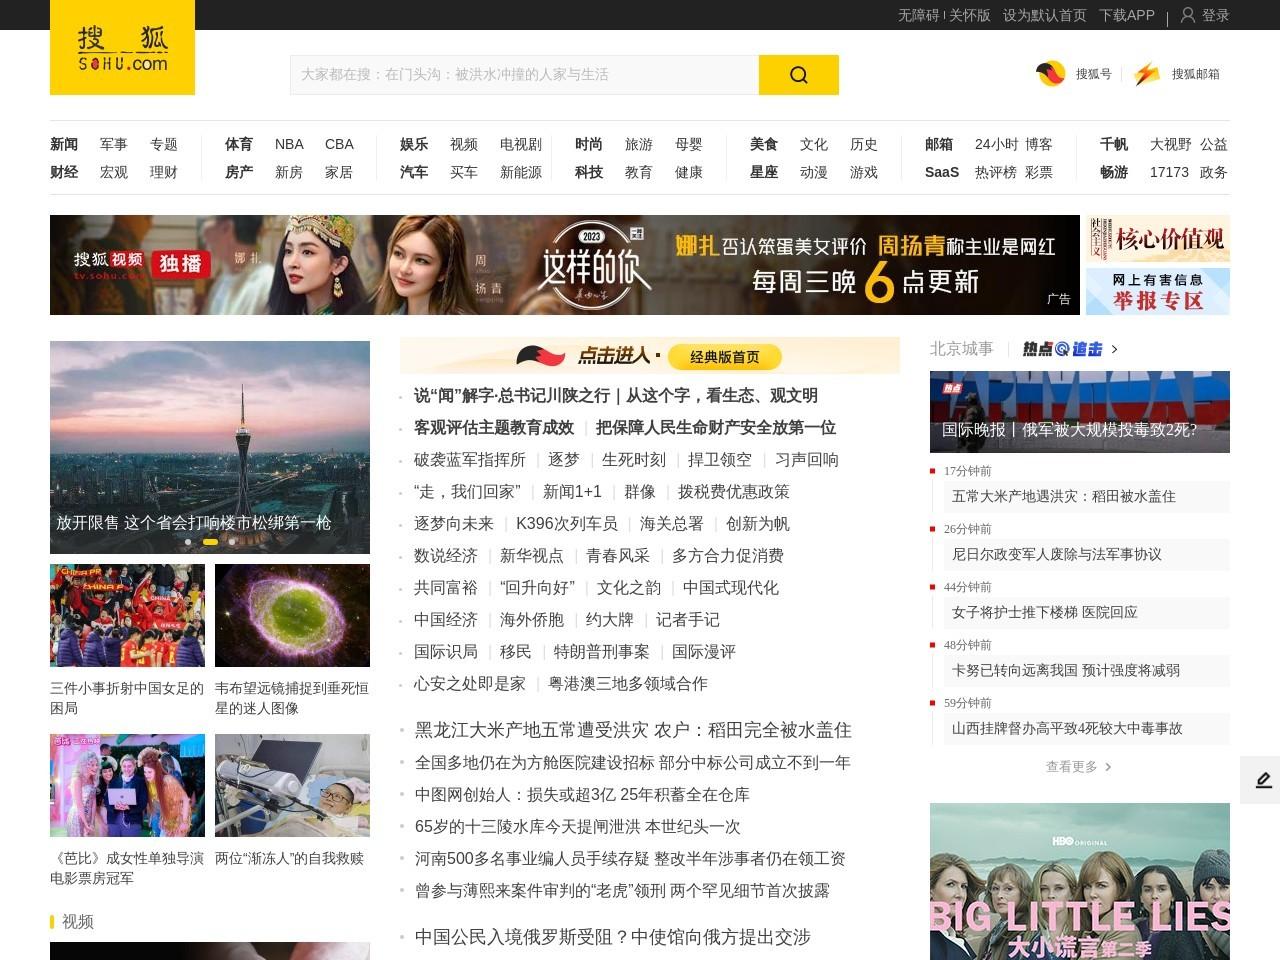 搜狐社区新闻